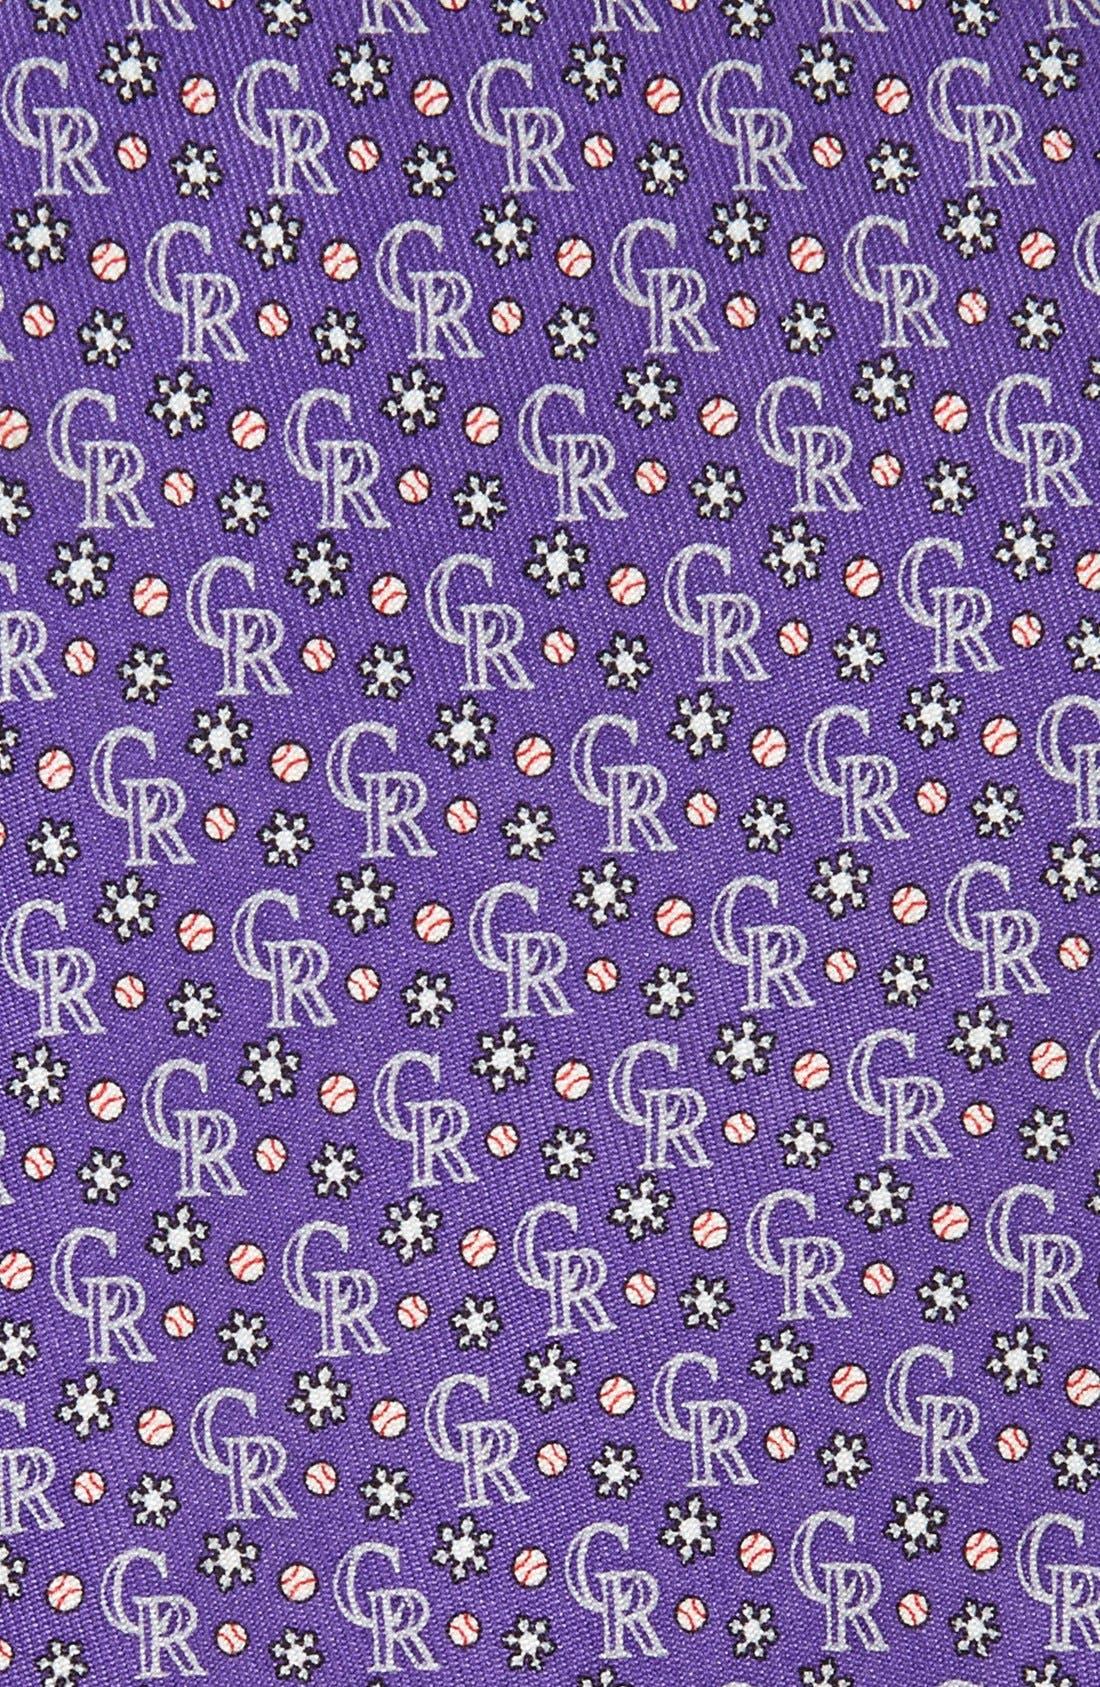 'Colorado Rockies' Woven Silk Tie,                             Alternate thumbnail 2, color,